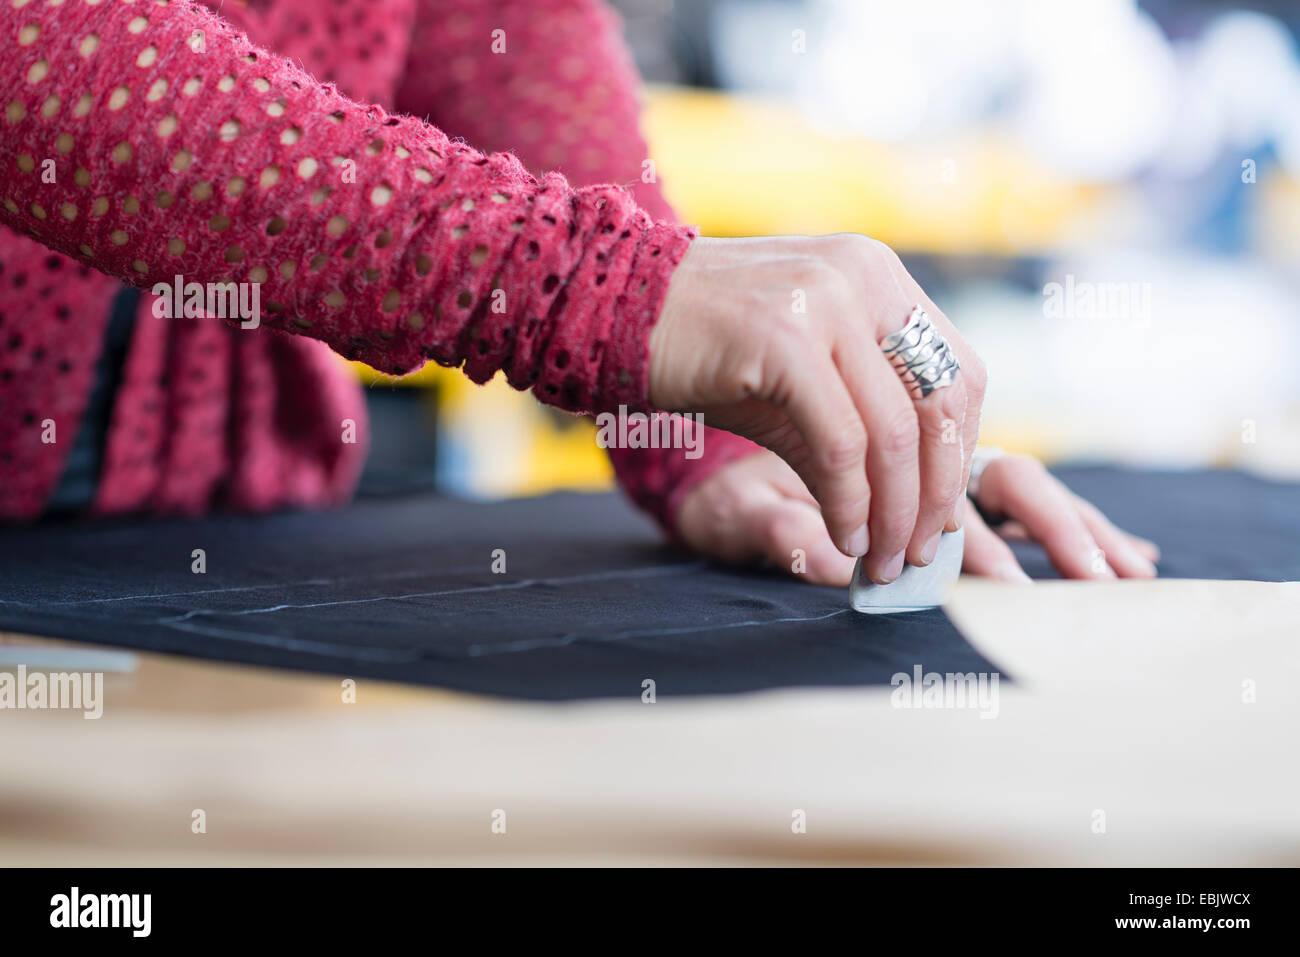 Händen der Reife Näherin Kreidung Umriss auf Textil auf Arbeitstisch Stockbild